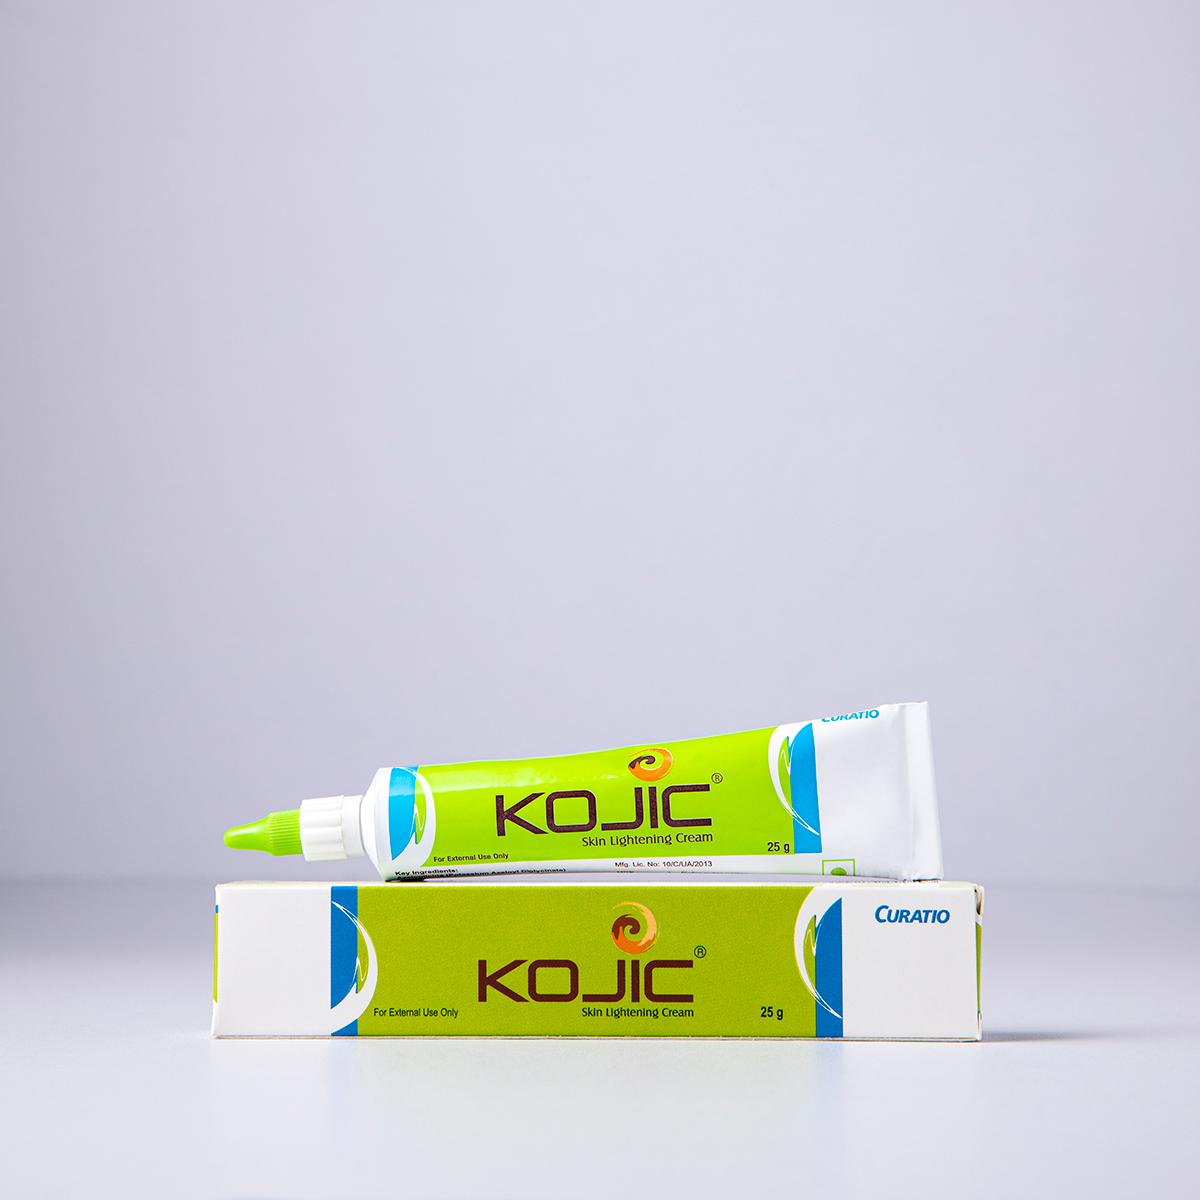 Kojic Cream 25g